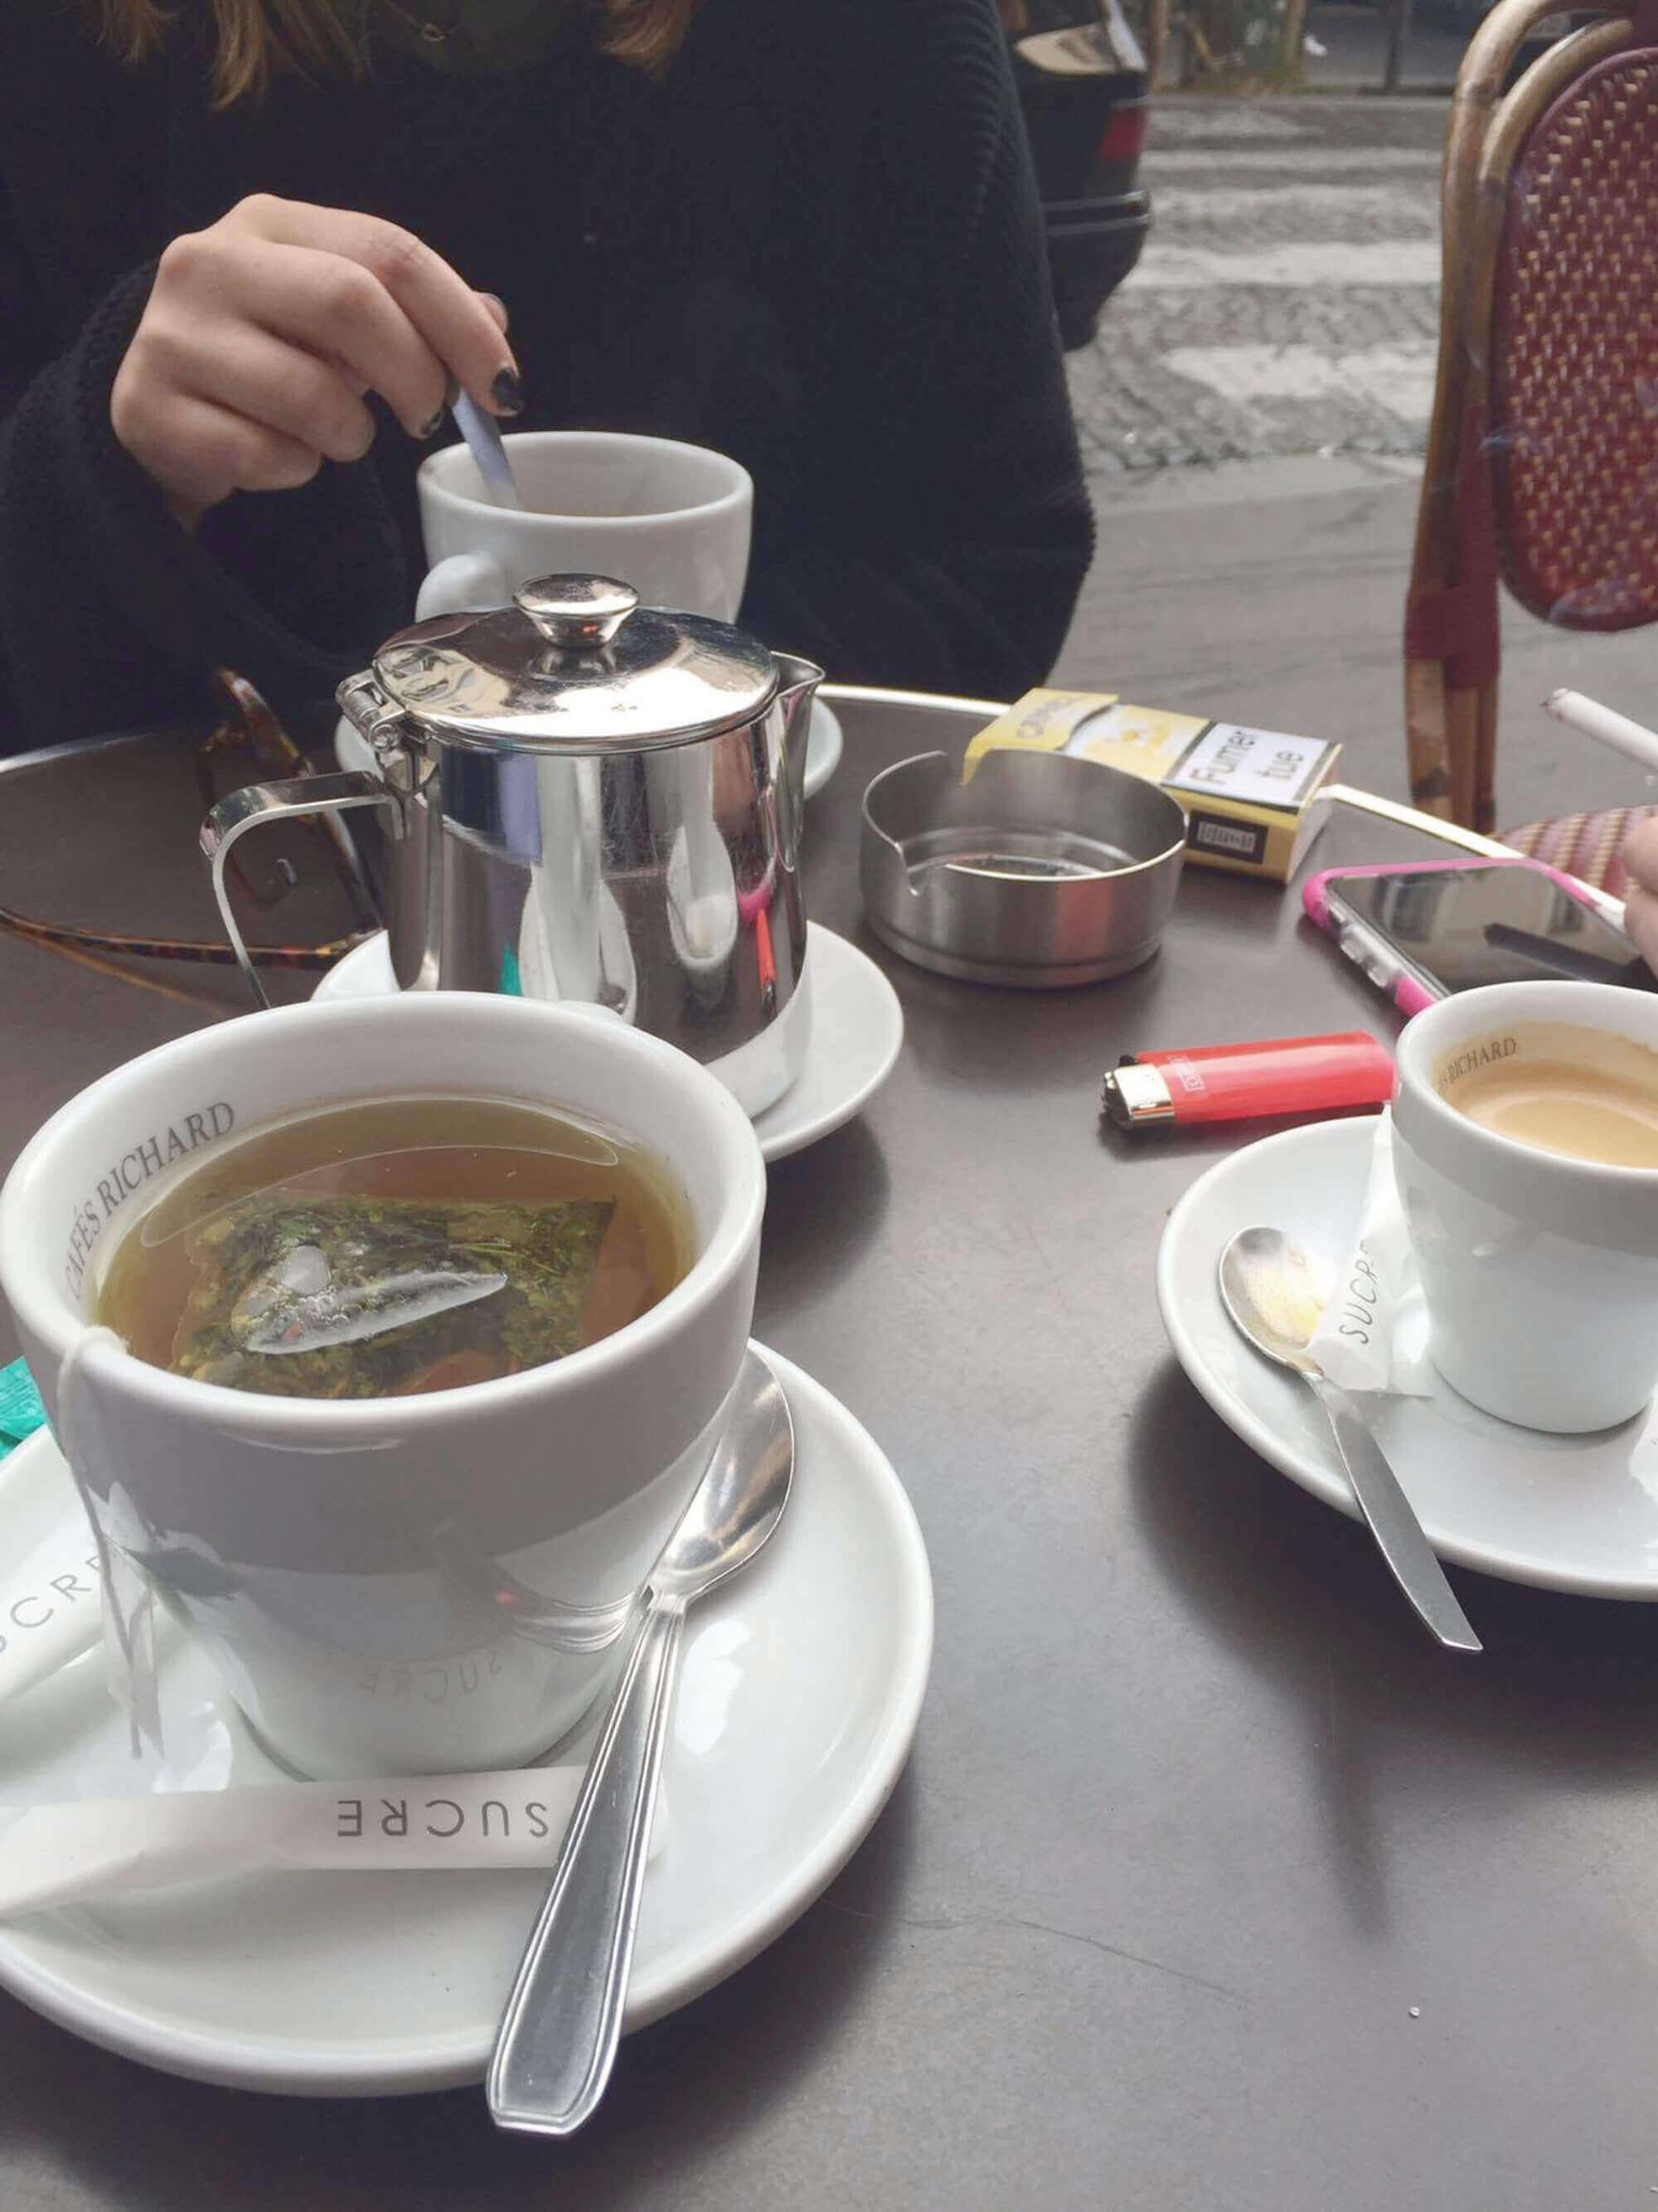 Tisch mit 2 Kaffe + 1 Tee, Miclhkännchen, Zigaretten und Feuerzeug